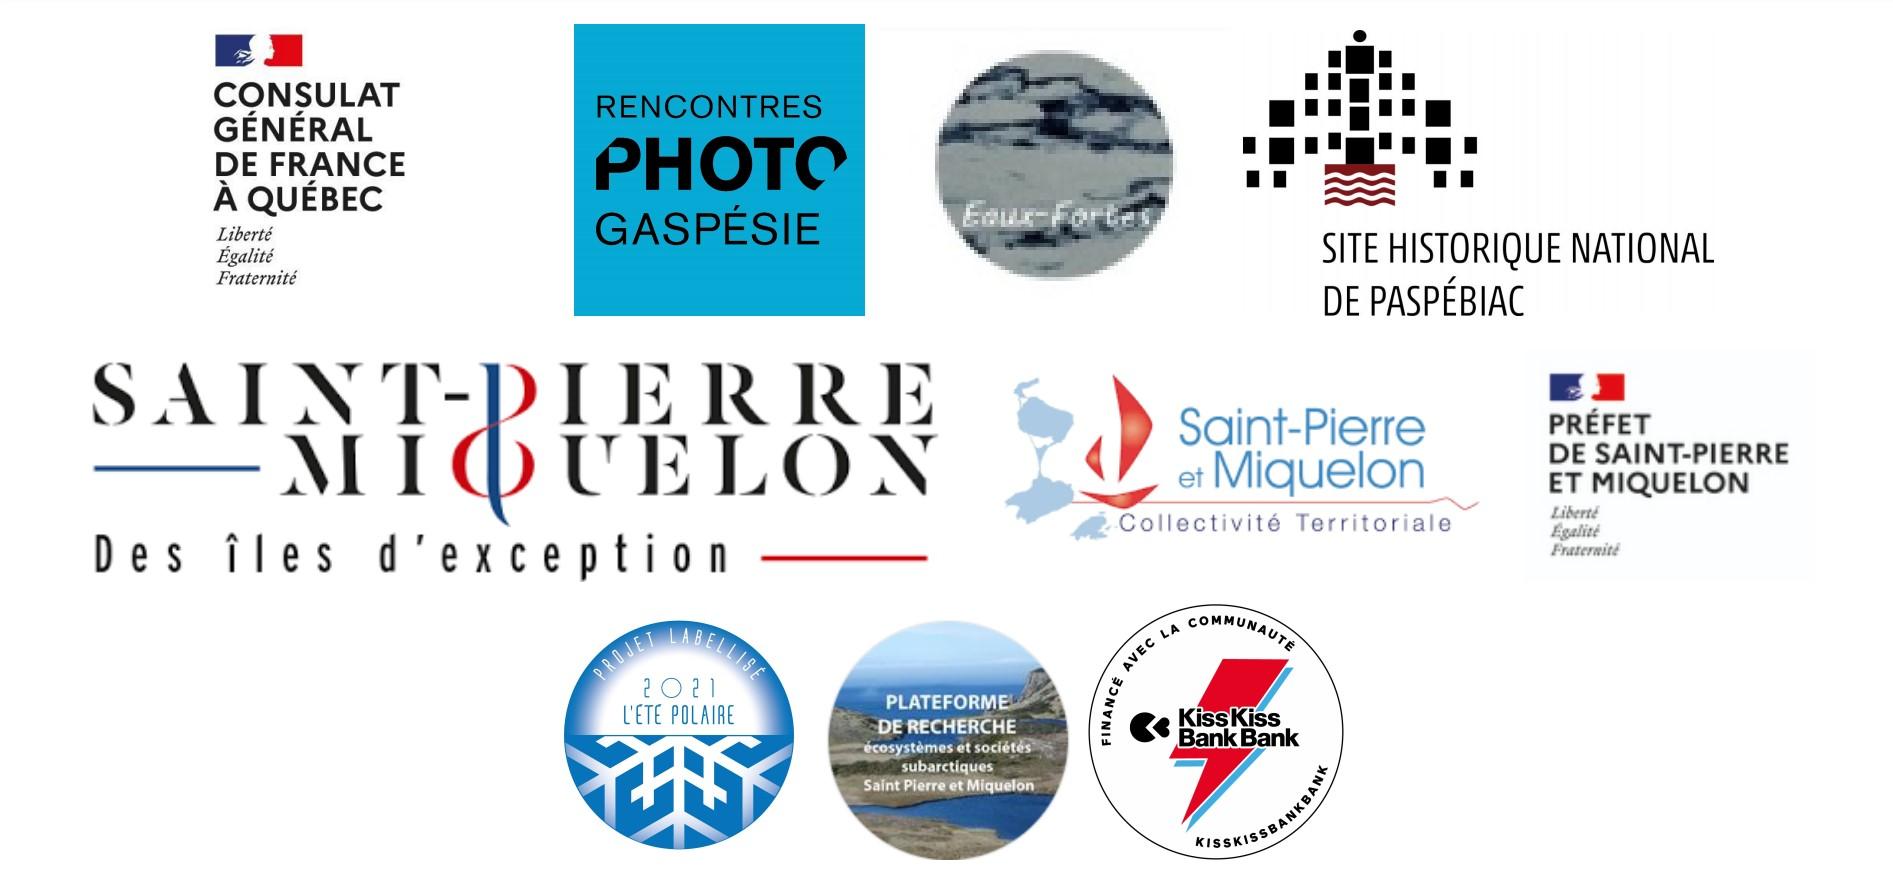 Exposition Terre-neuvas, de St-Pierre-et-Miquelon à Paspébiac 1